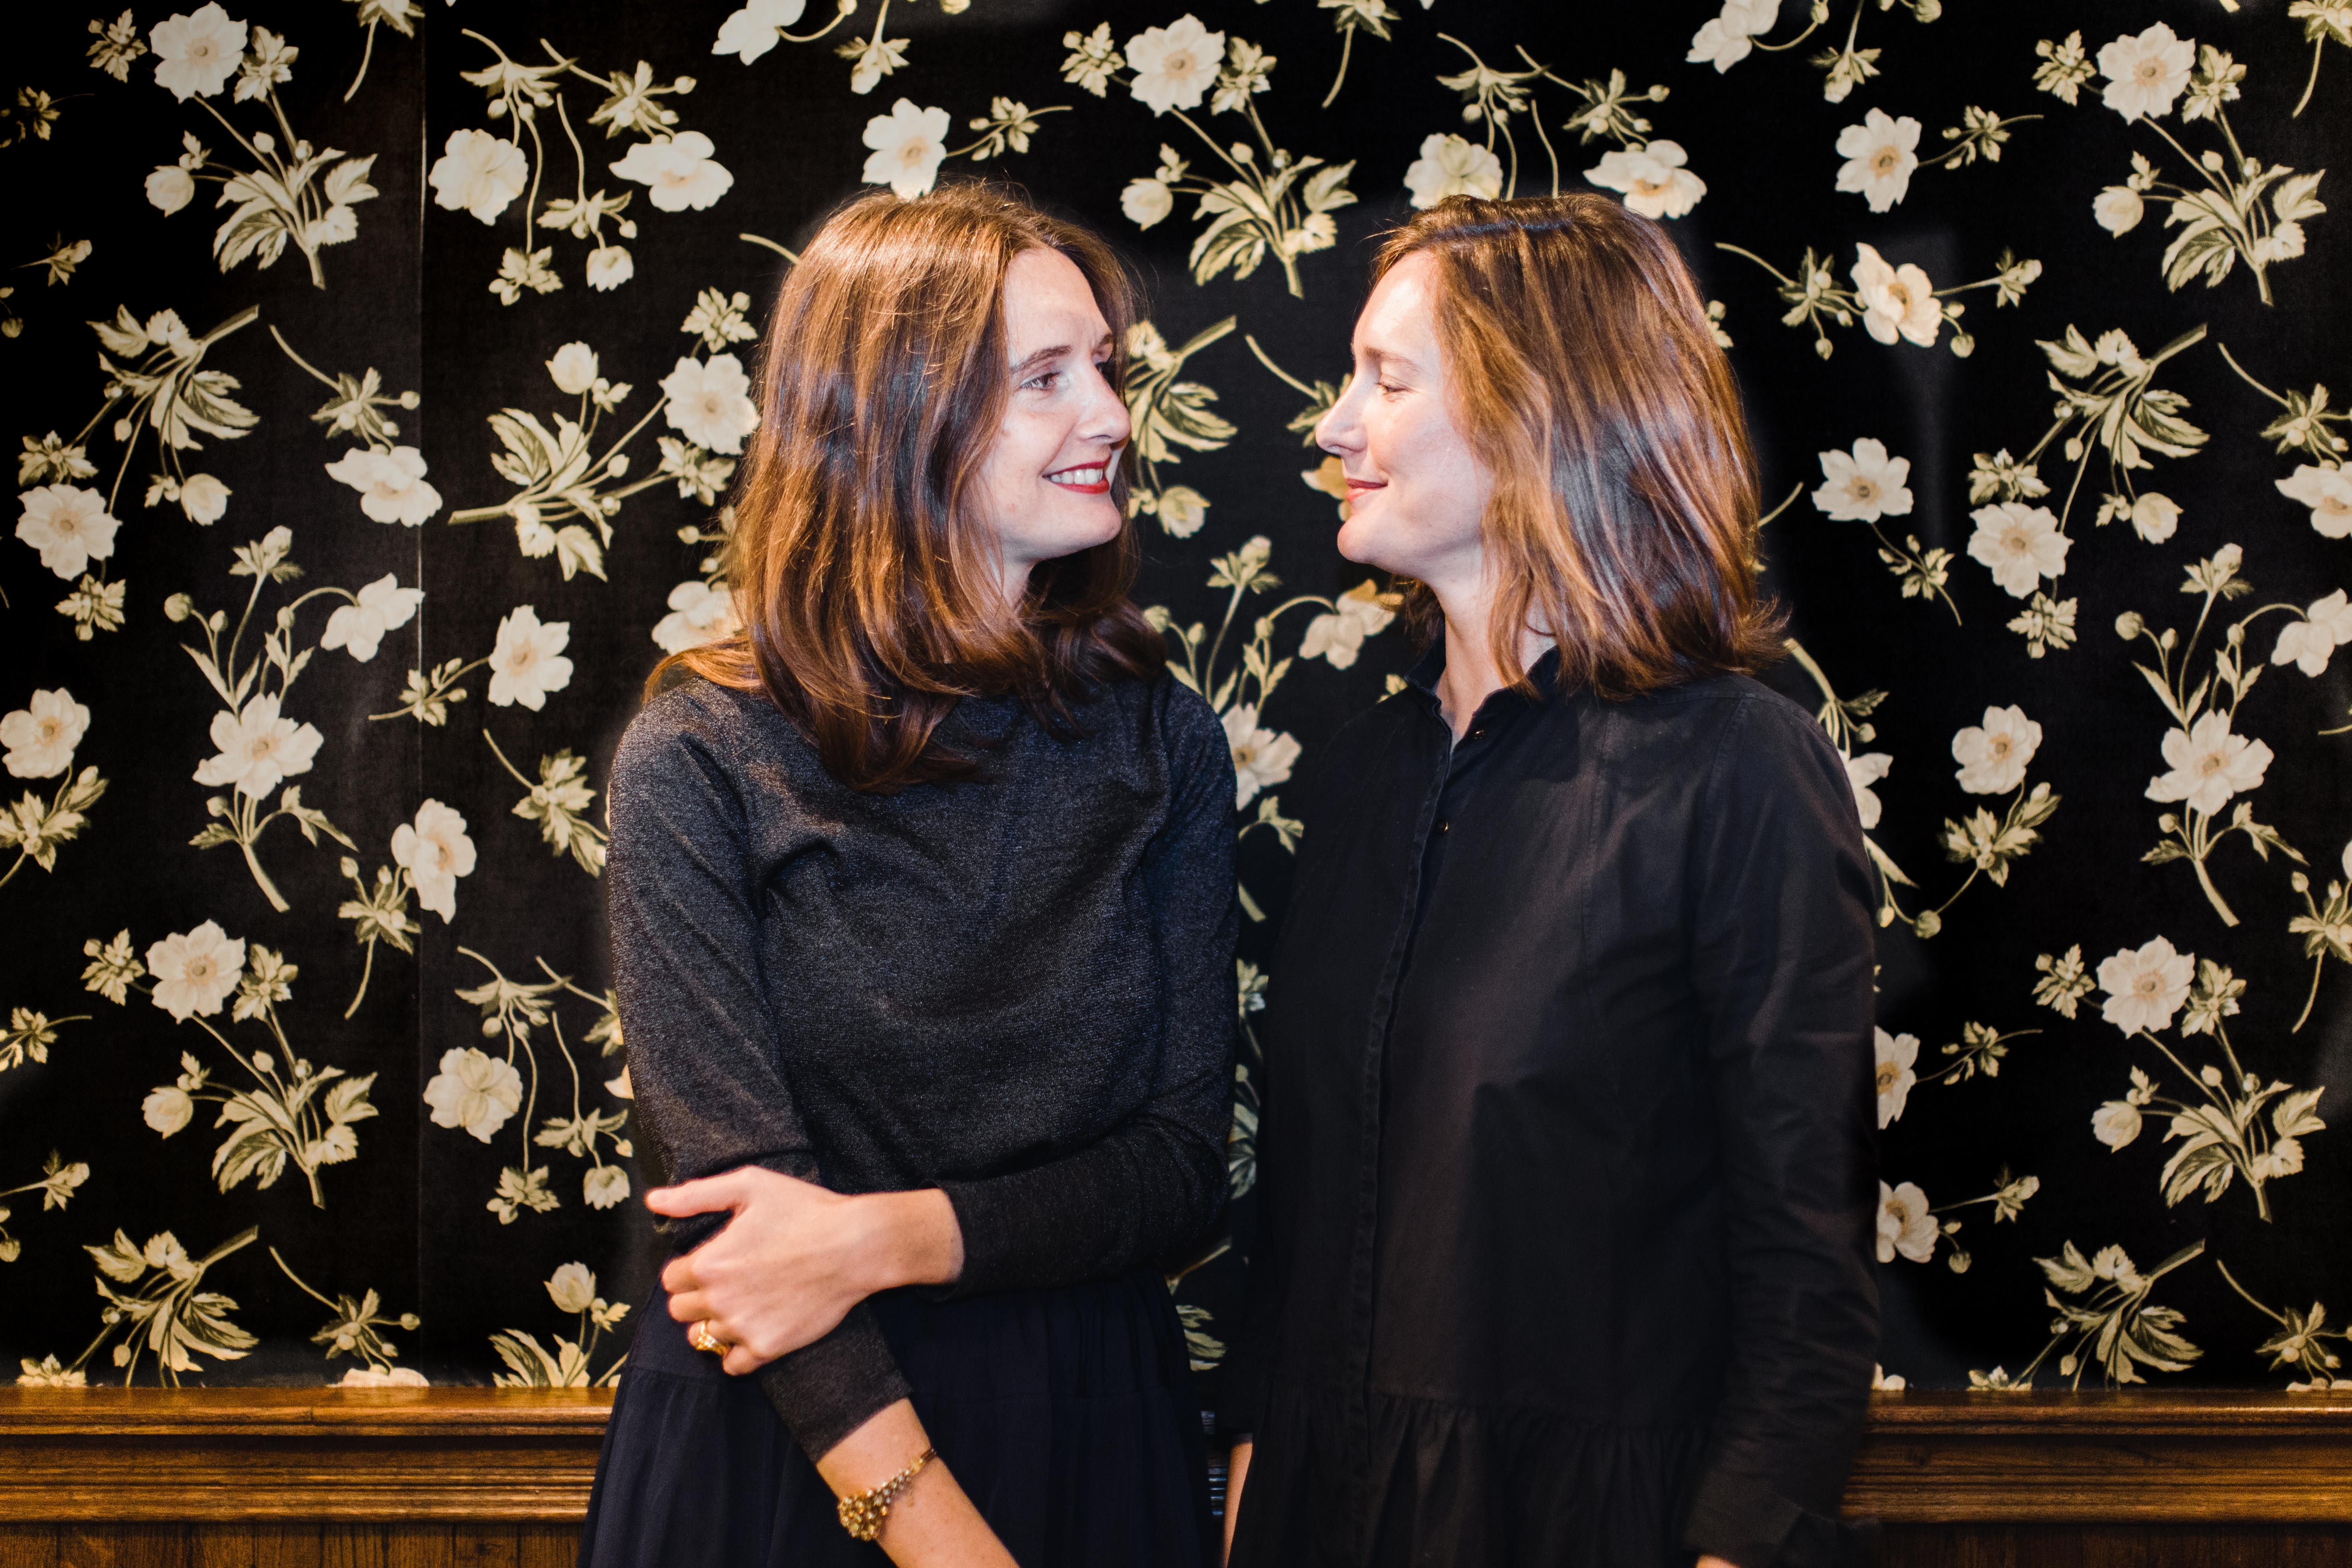 Constance REBHOLZ et Mathilde CLEMENT